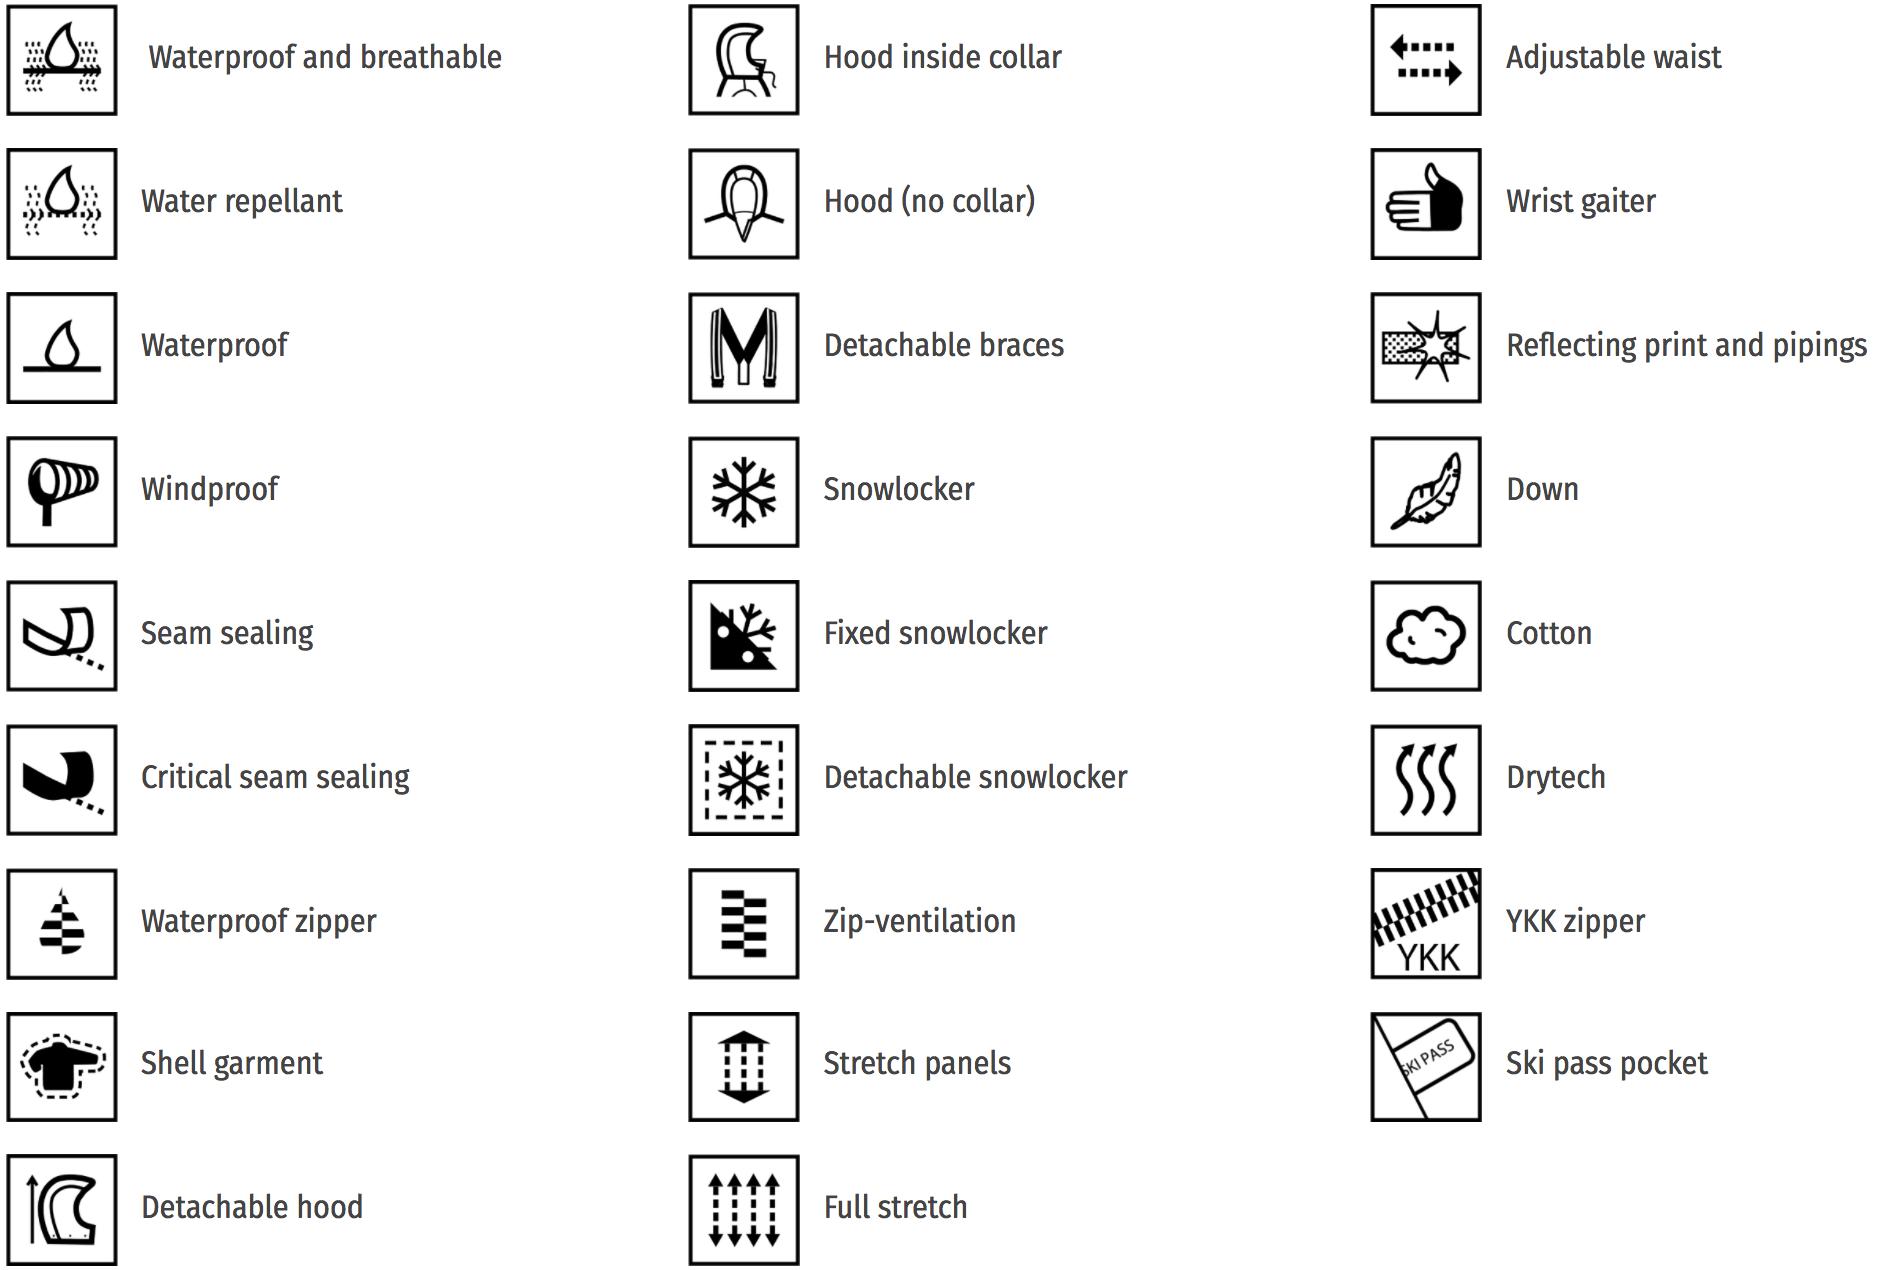 Five Seasons - Her finder du symboler, der viser funktioner på skitøj til herrer og damer